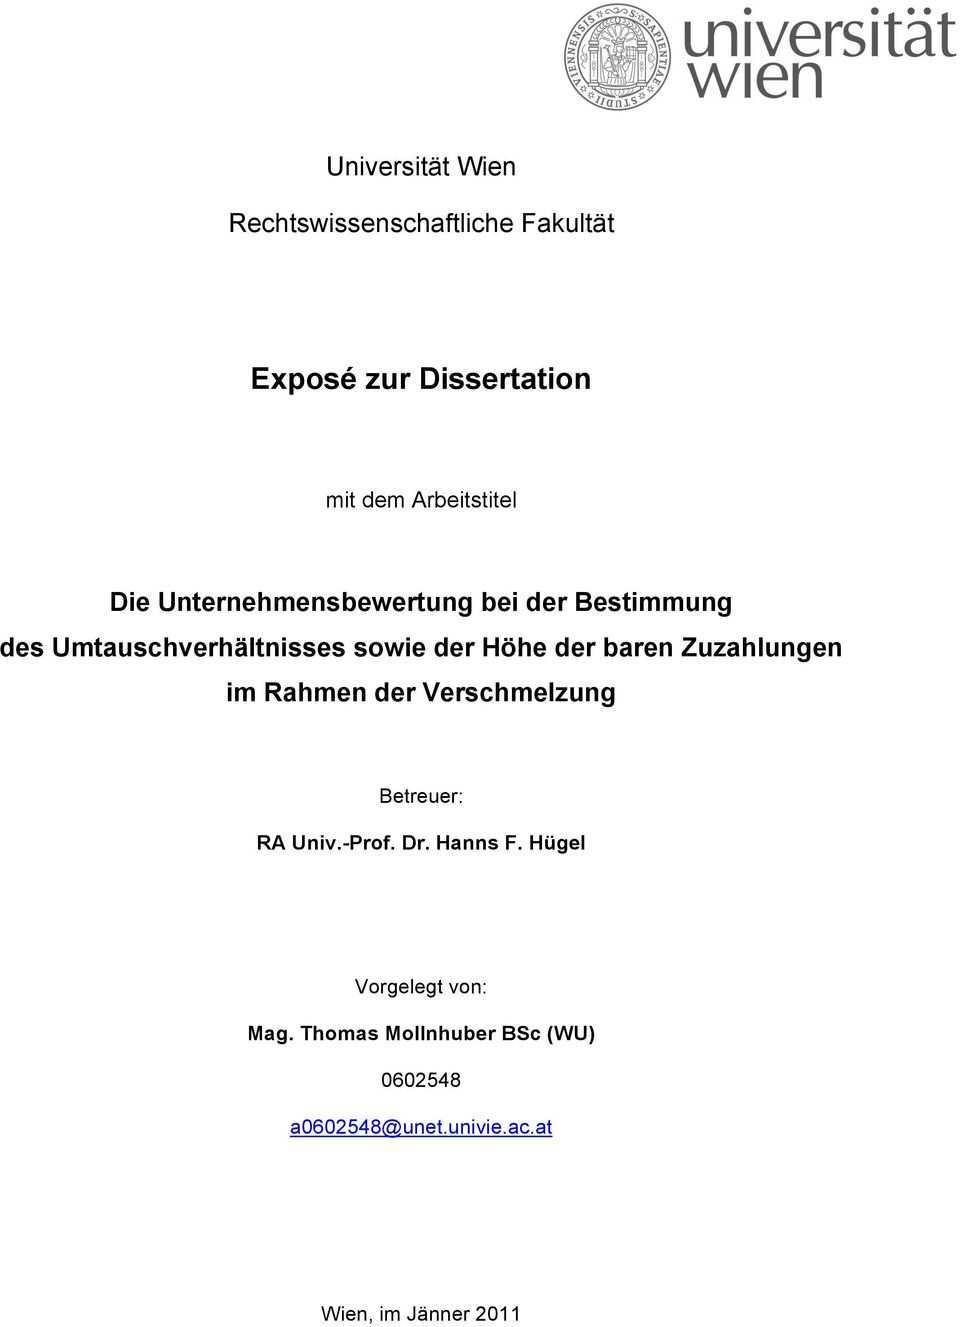 Expose Zur Dissertation Pdf Kostenfreier Download